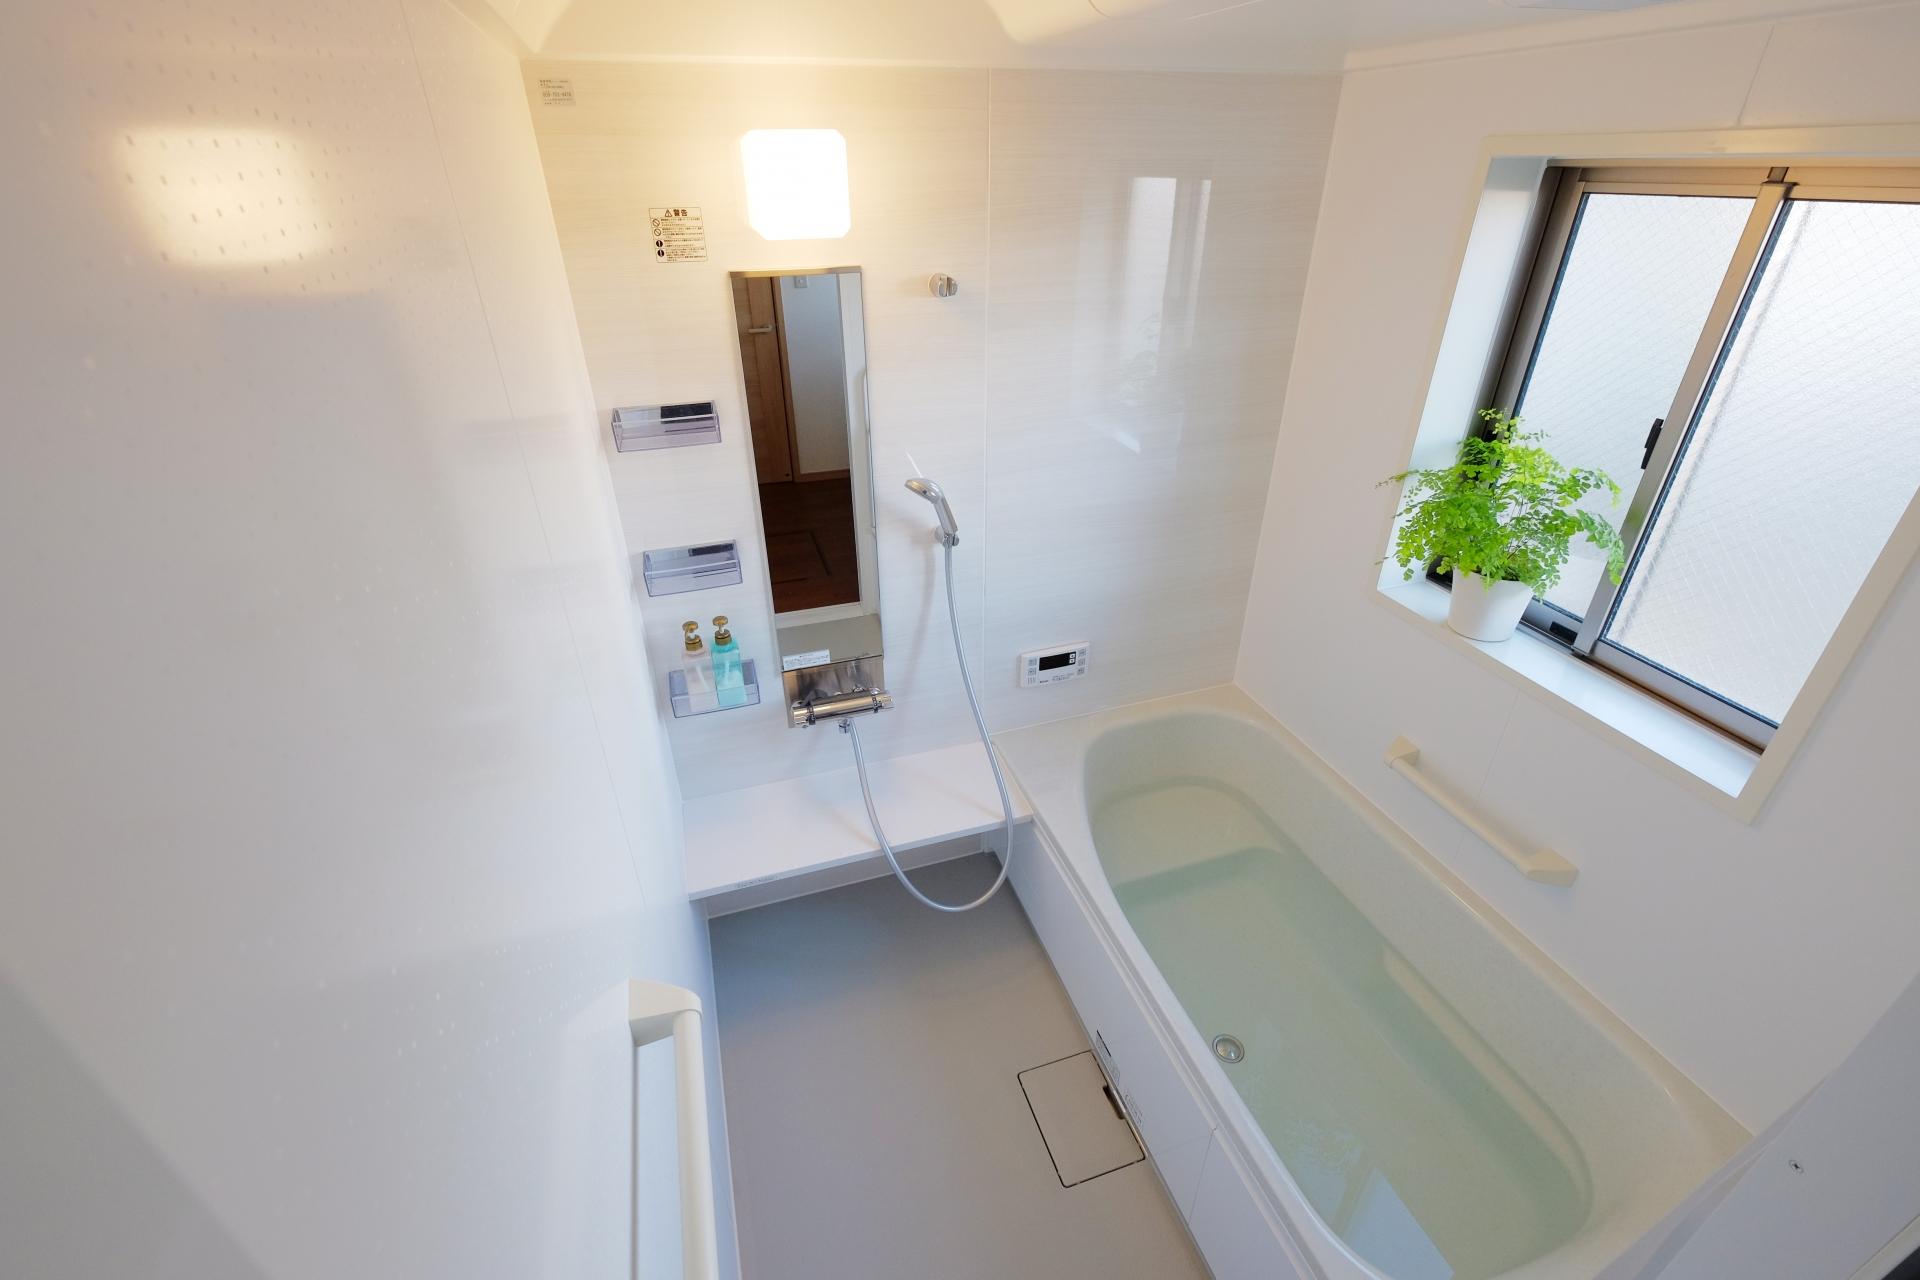 お風呂や台所のシンクにぬめりが!原因と重曹などを使ってキレイに取る方法